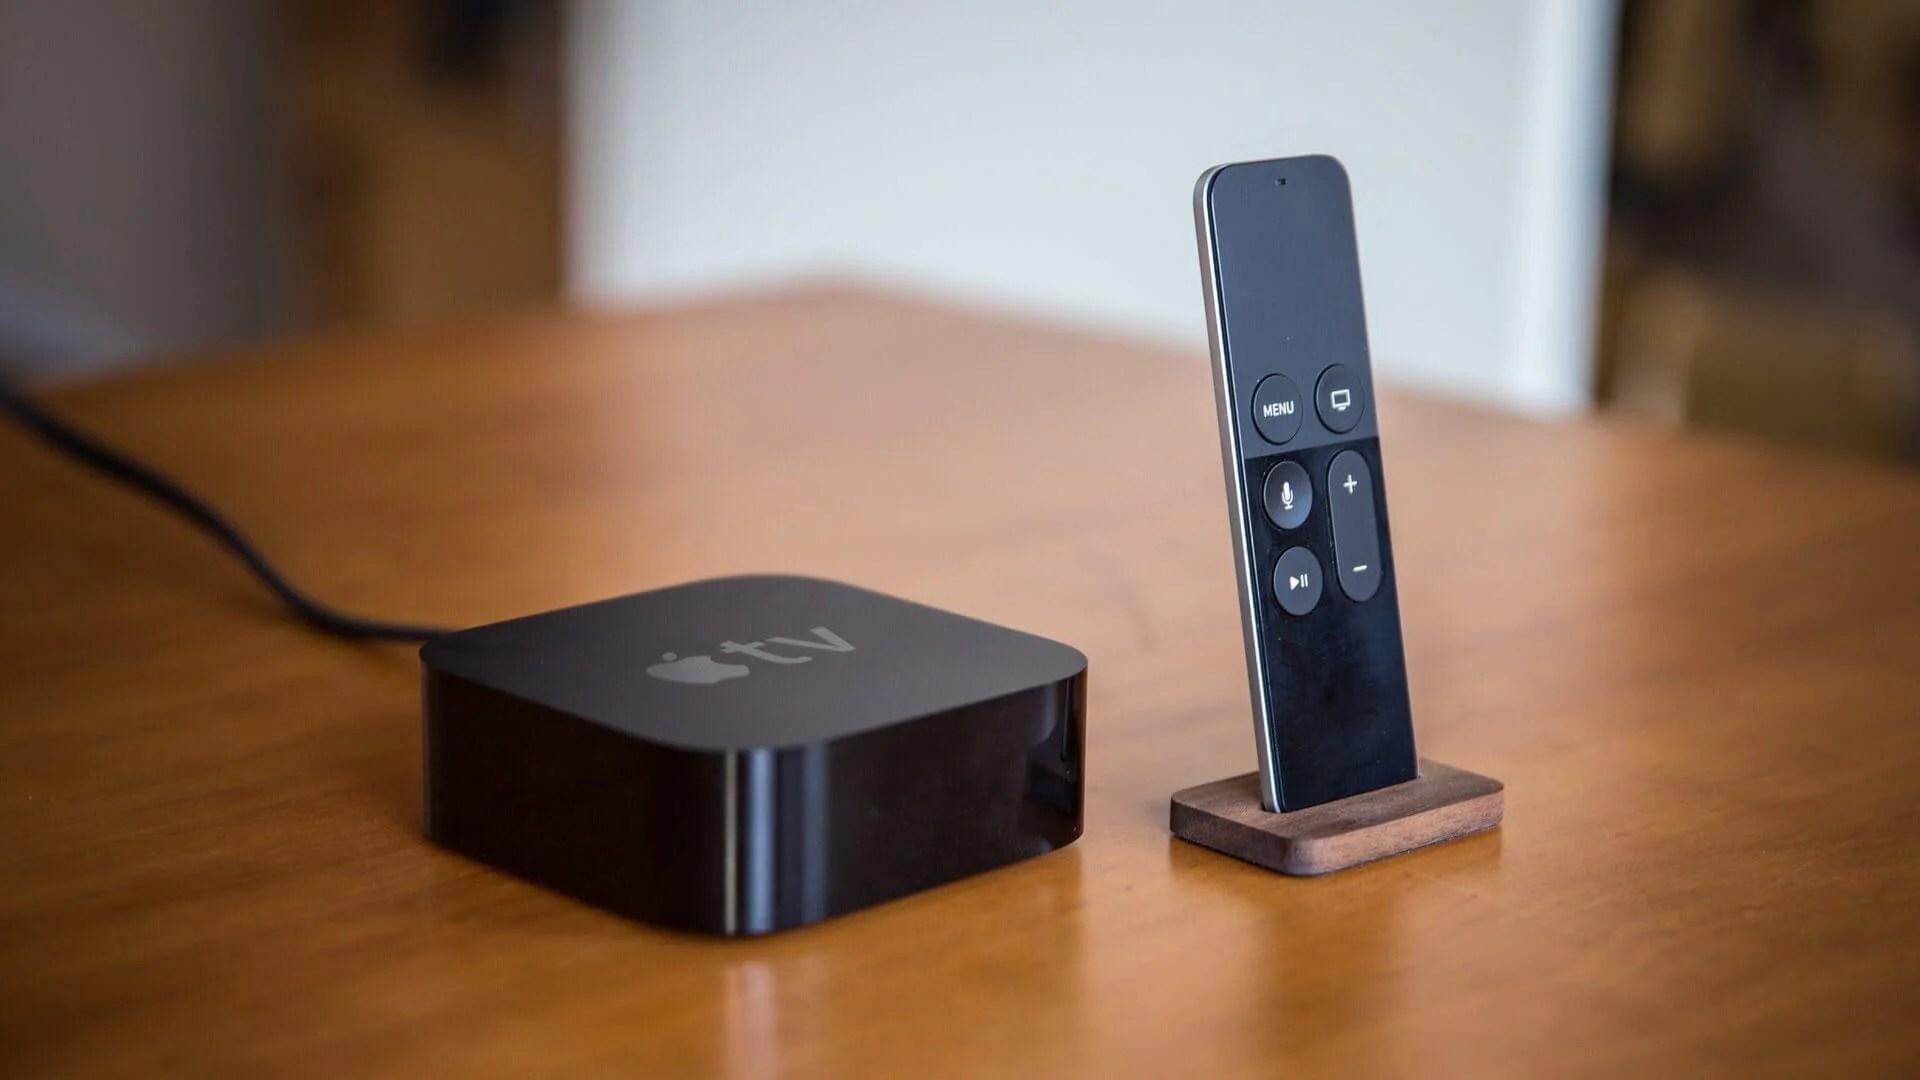 safafas - Próxima atualização da Apple TV deve trazer múltiplos logins de usuários e função PiP